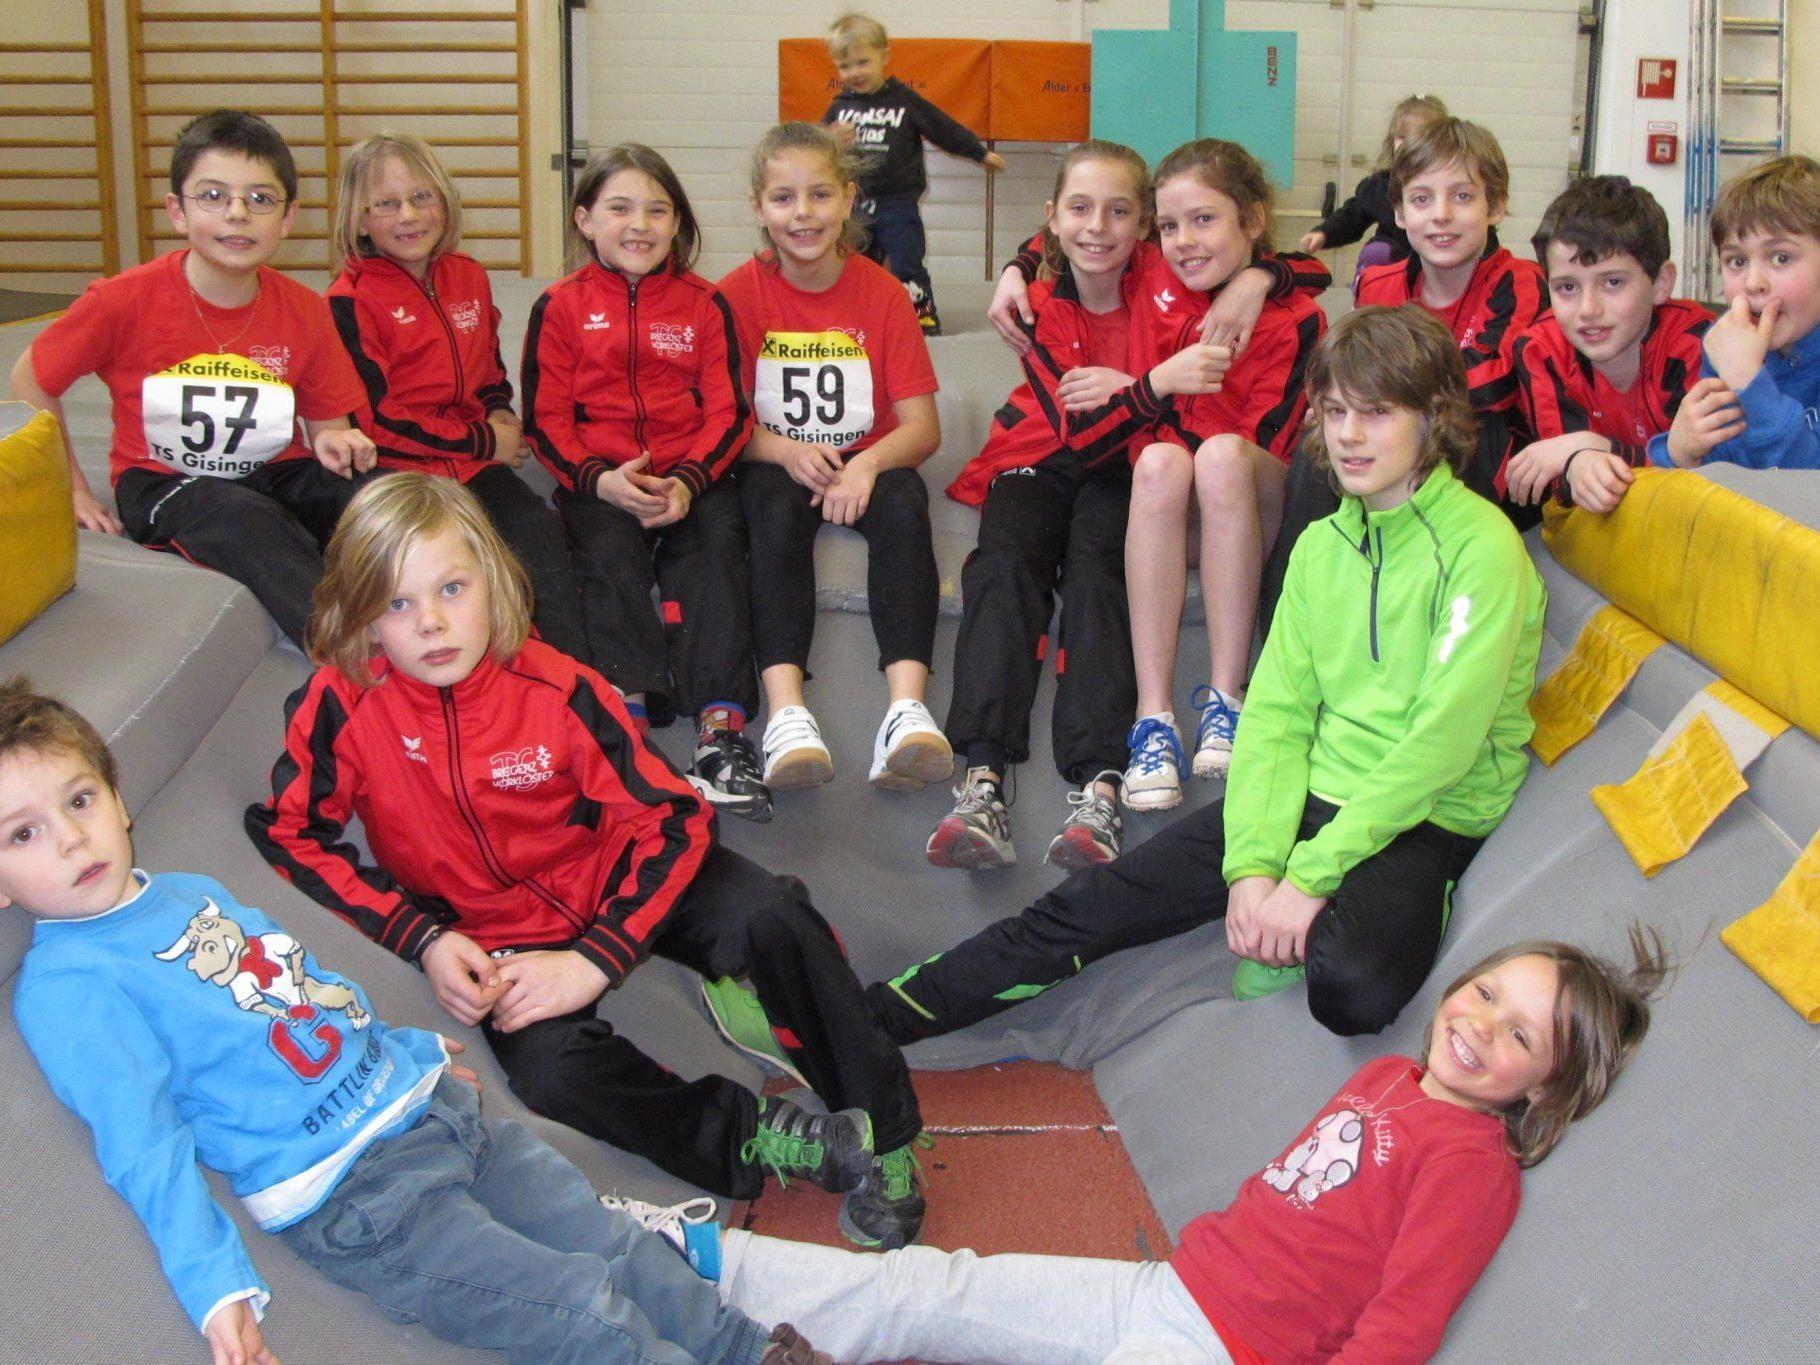 Zahlreiche Leichtathleten der TS Bregenz-Vorkloster nahmen an der Hallen-Landesmeisterschaft teil.